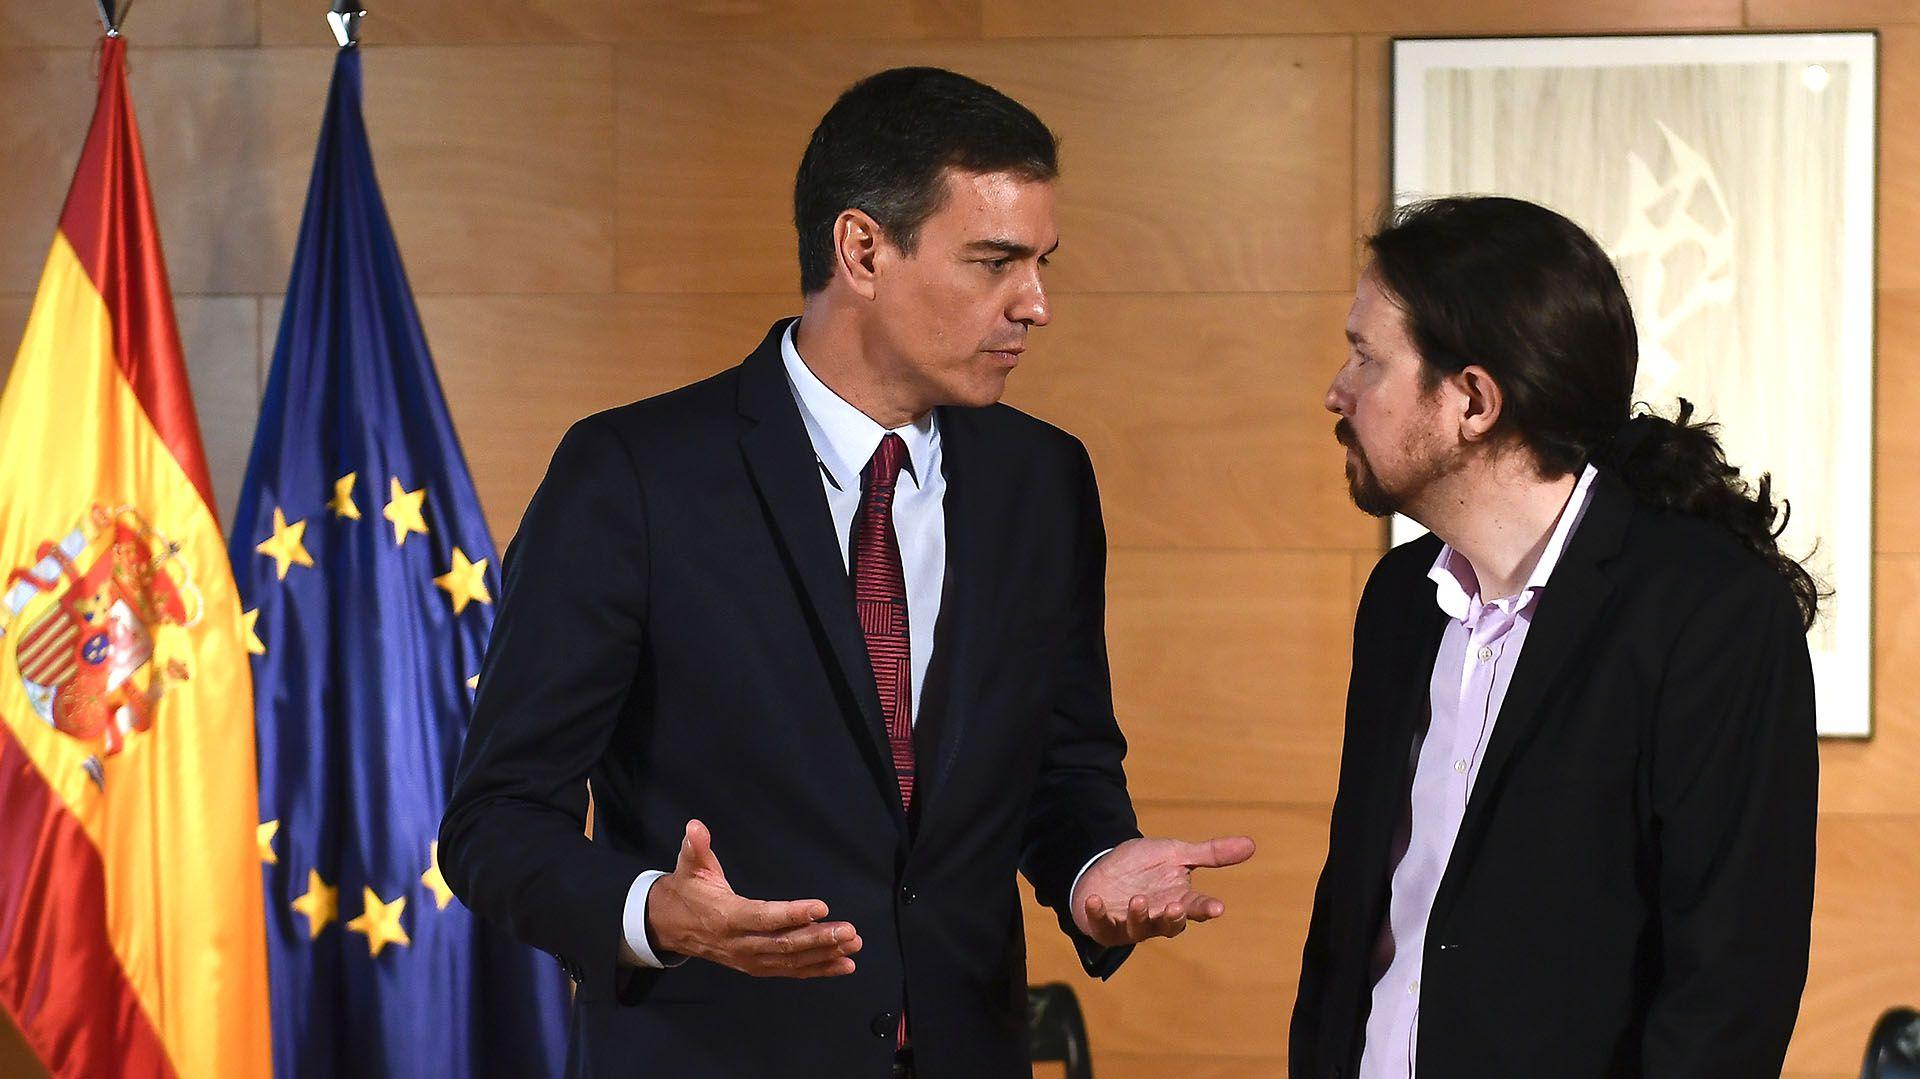 Pedro Sánchez se mantuvo firme en su negativa de incorporar a Pablo Iglesias u cualquier otro miembro de Podemos a su gabinete, y ya parece imposible un acuerdo entre las fuerzas de izquierda para formar gobierno (AFP)